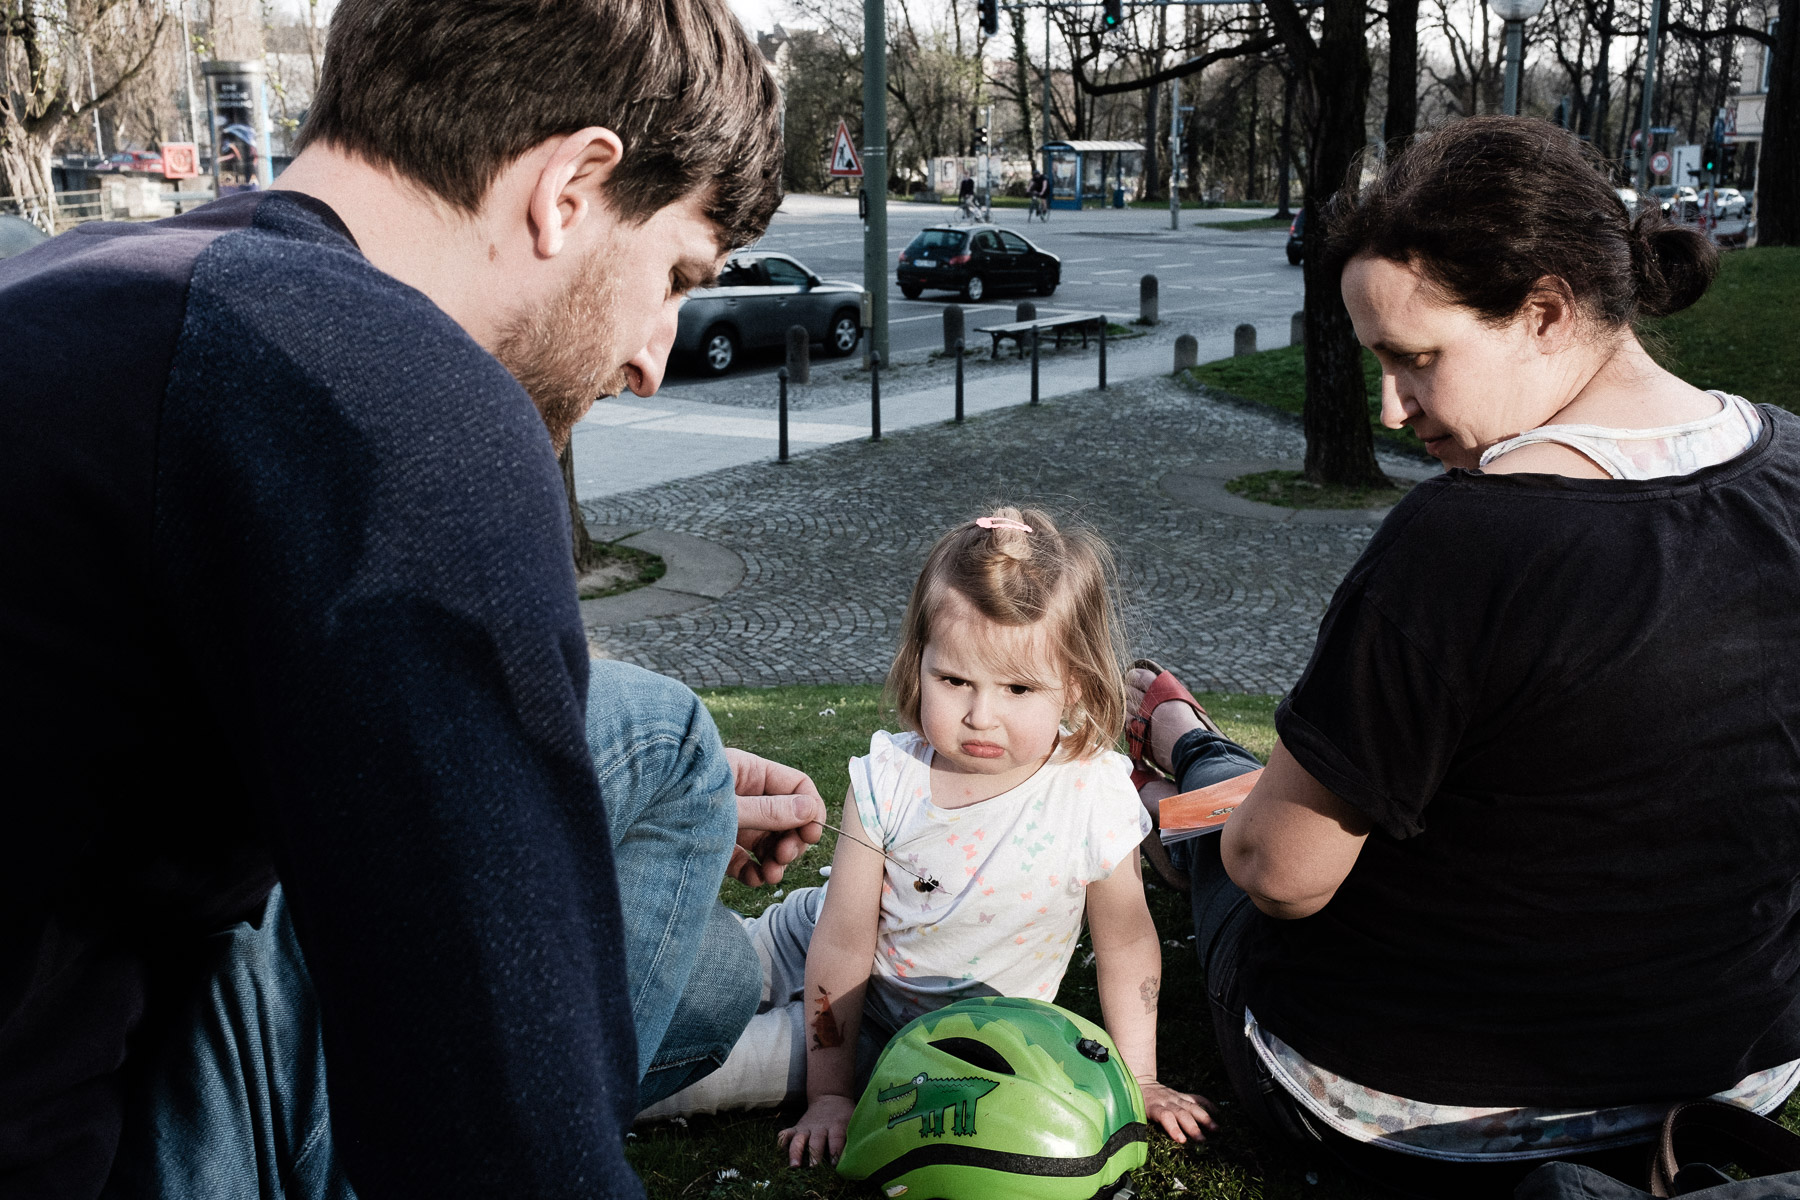 Martin_Liebl_Kein_Familienfotograf_BL_Blog_38.jpg